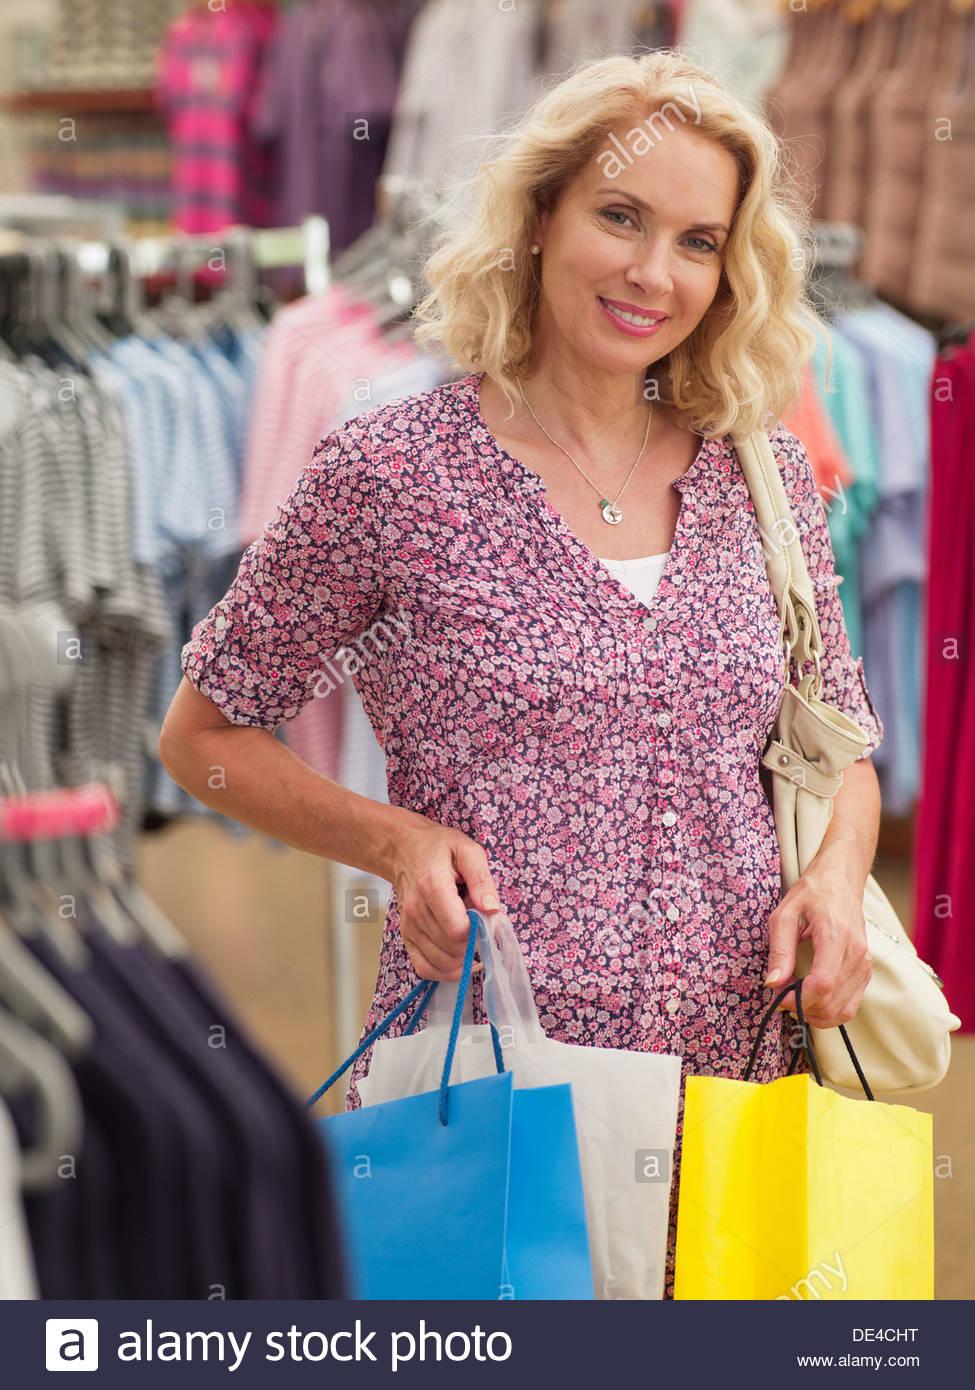 Lächelnde Frau Einkaufstaschen in Bekleidungsgeschäft Stockbild